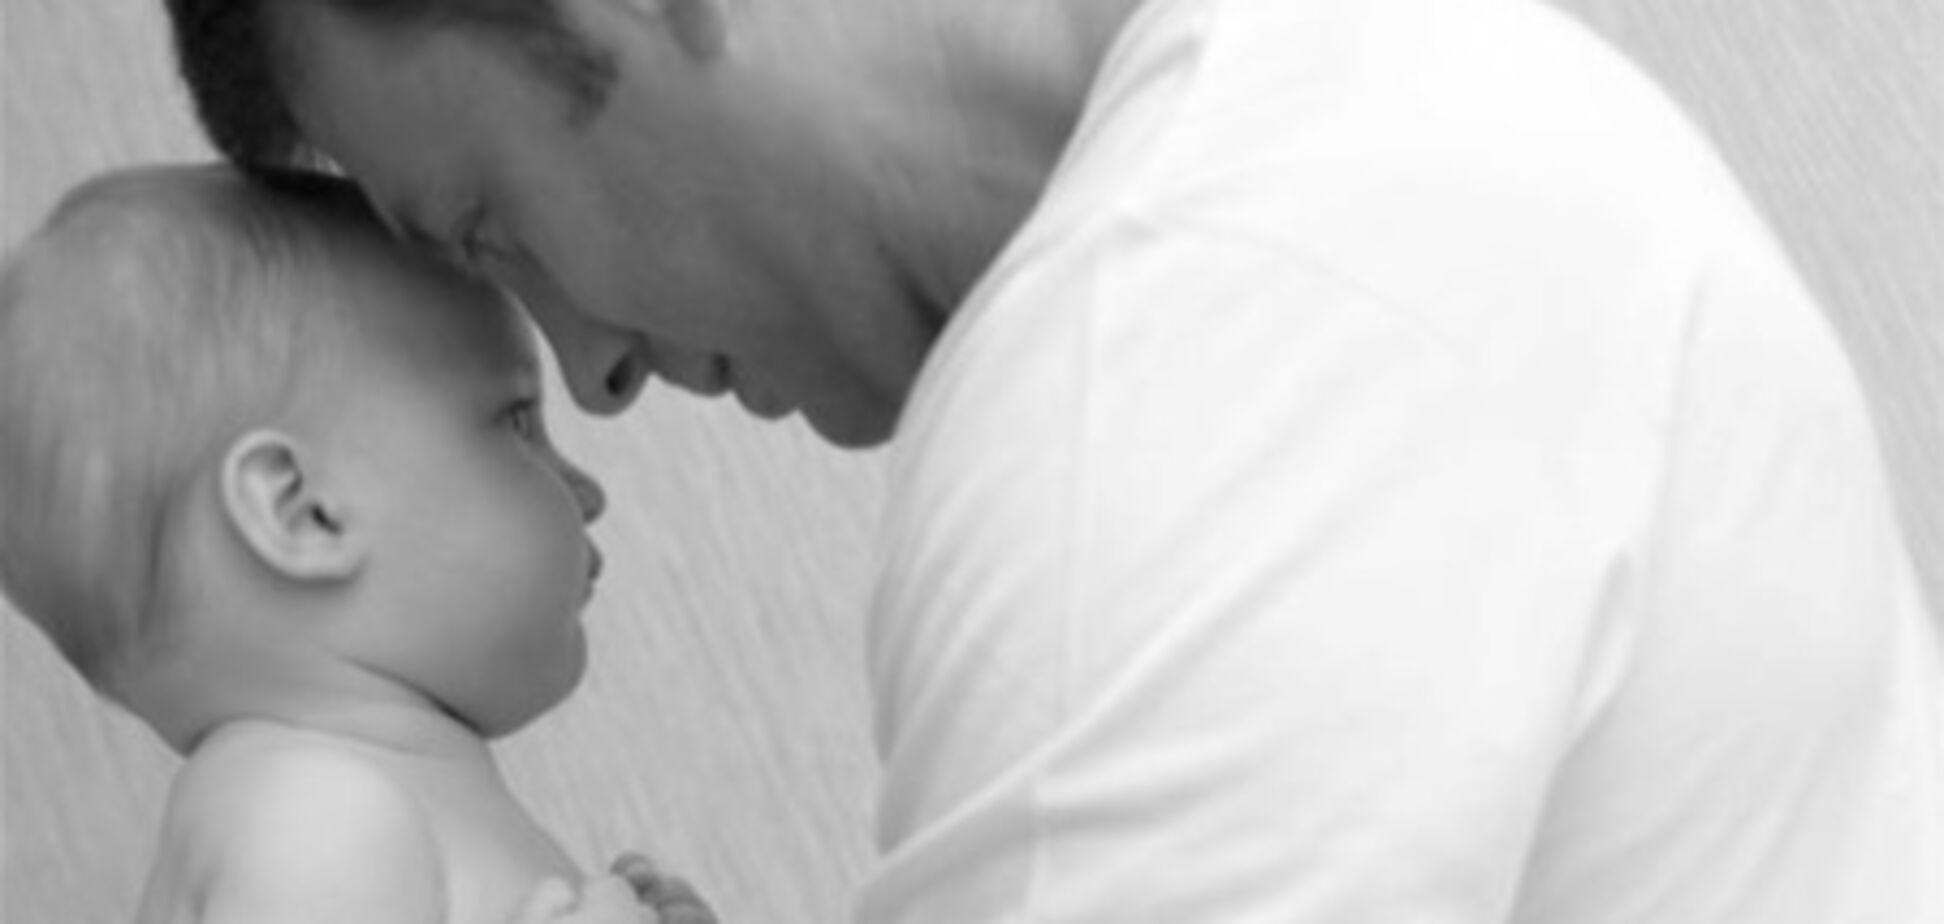 Нагорный обнародовал фото своей недавно родившейся дочери